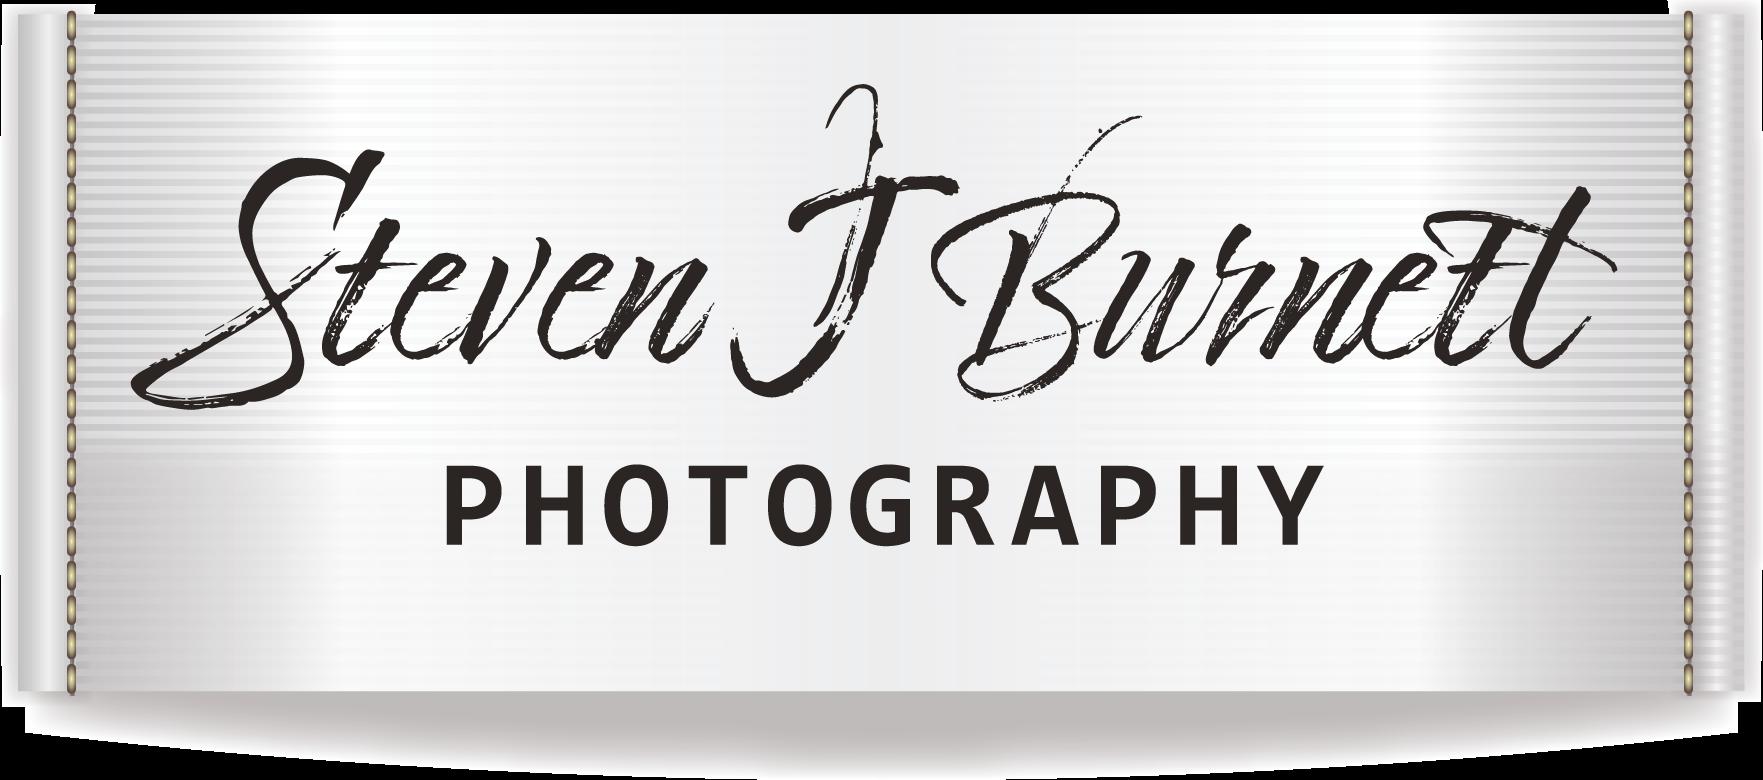 Steven J Burnett